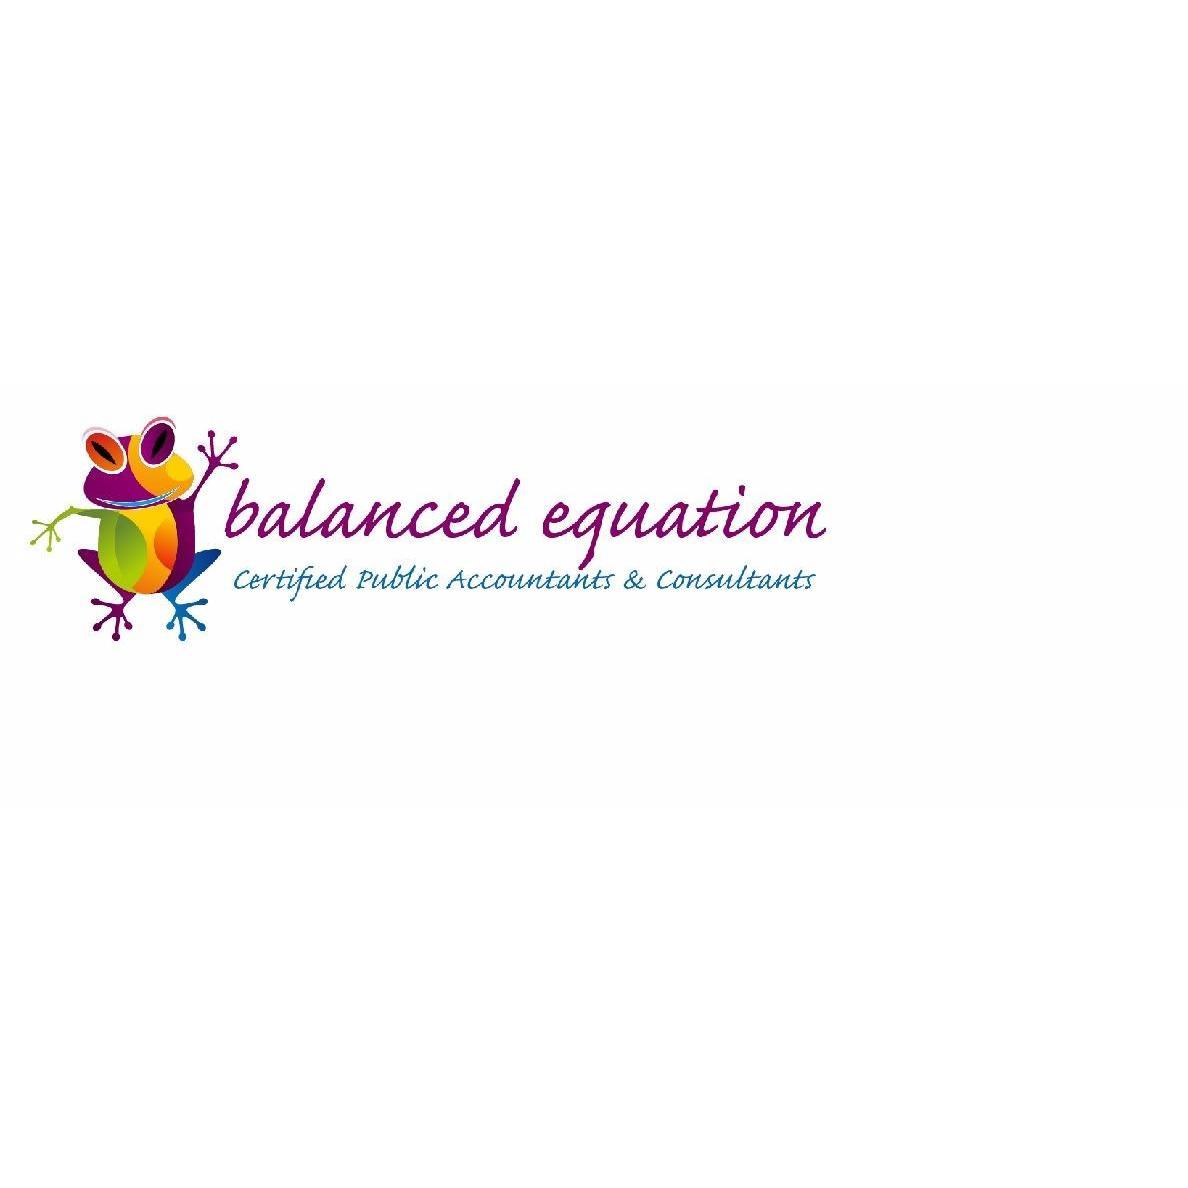 Balanced Equation - Windsor, CO 80550 - (970)686-6444 | ShowMeLocal.com